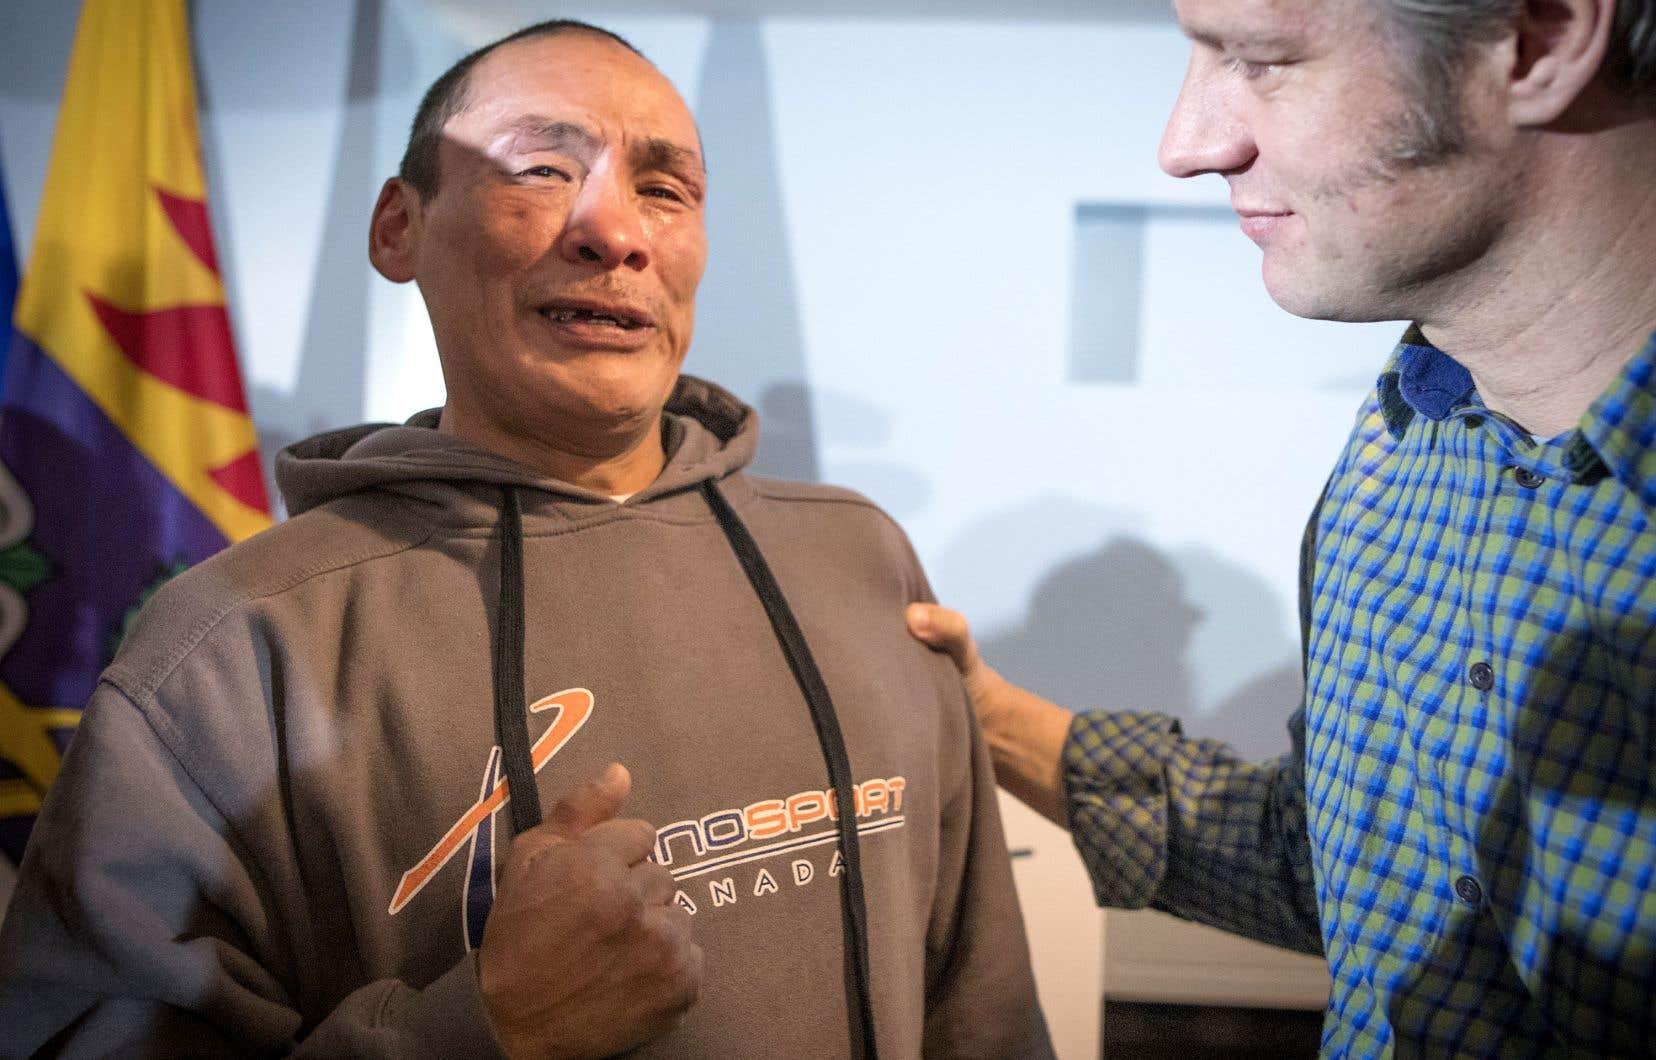 Putulilt Quimax remercie chaleureusement David Chapman, le directeur du nouveau centre de jour Résilience.